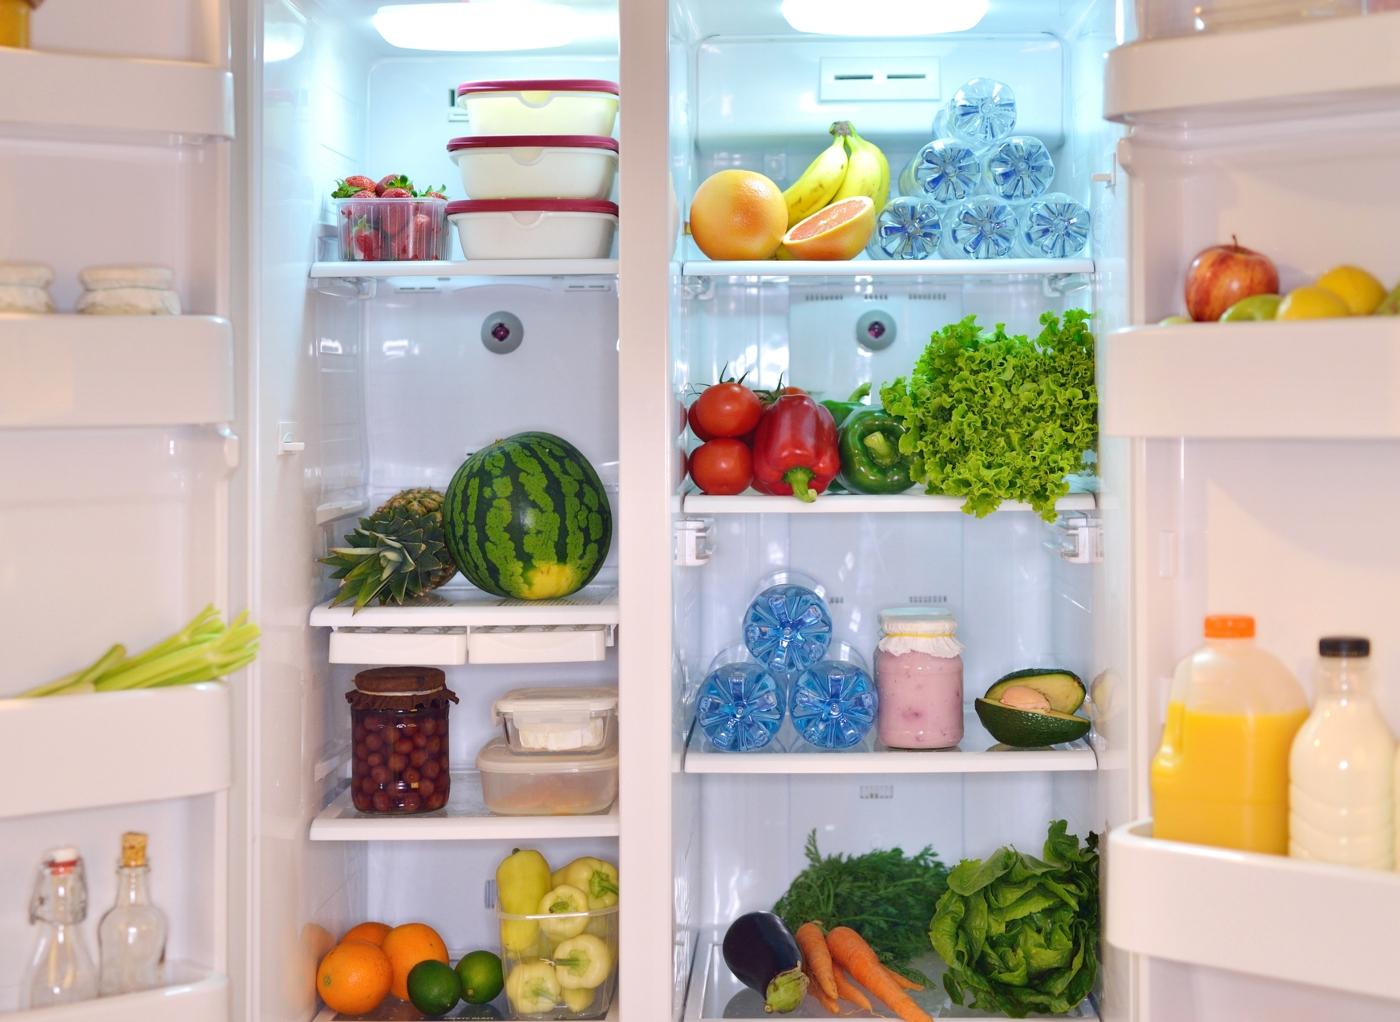 Variedade de alimentos no interior de um frigorífico